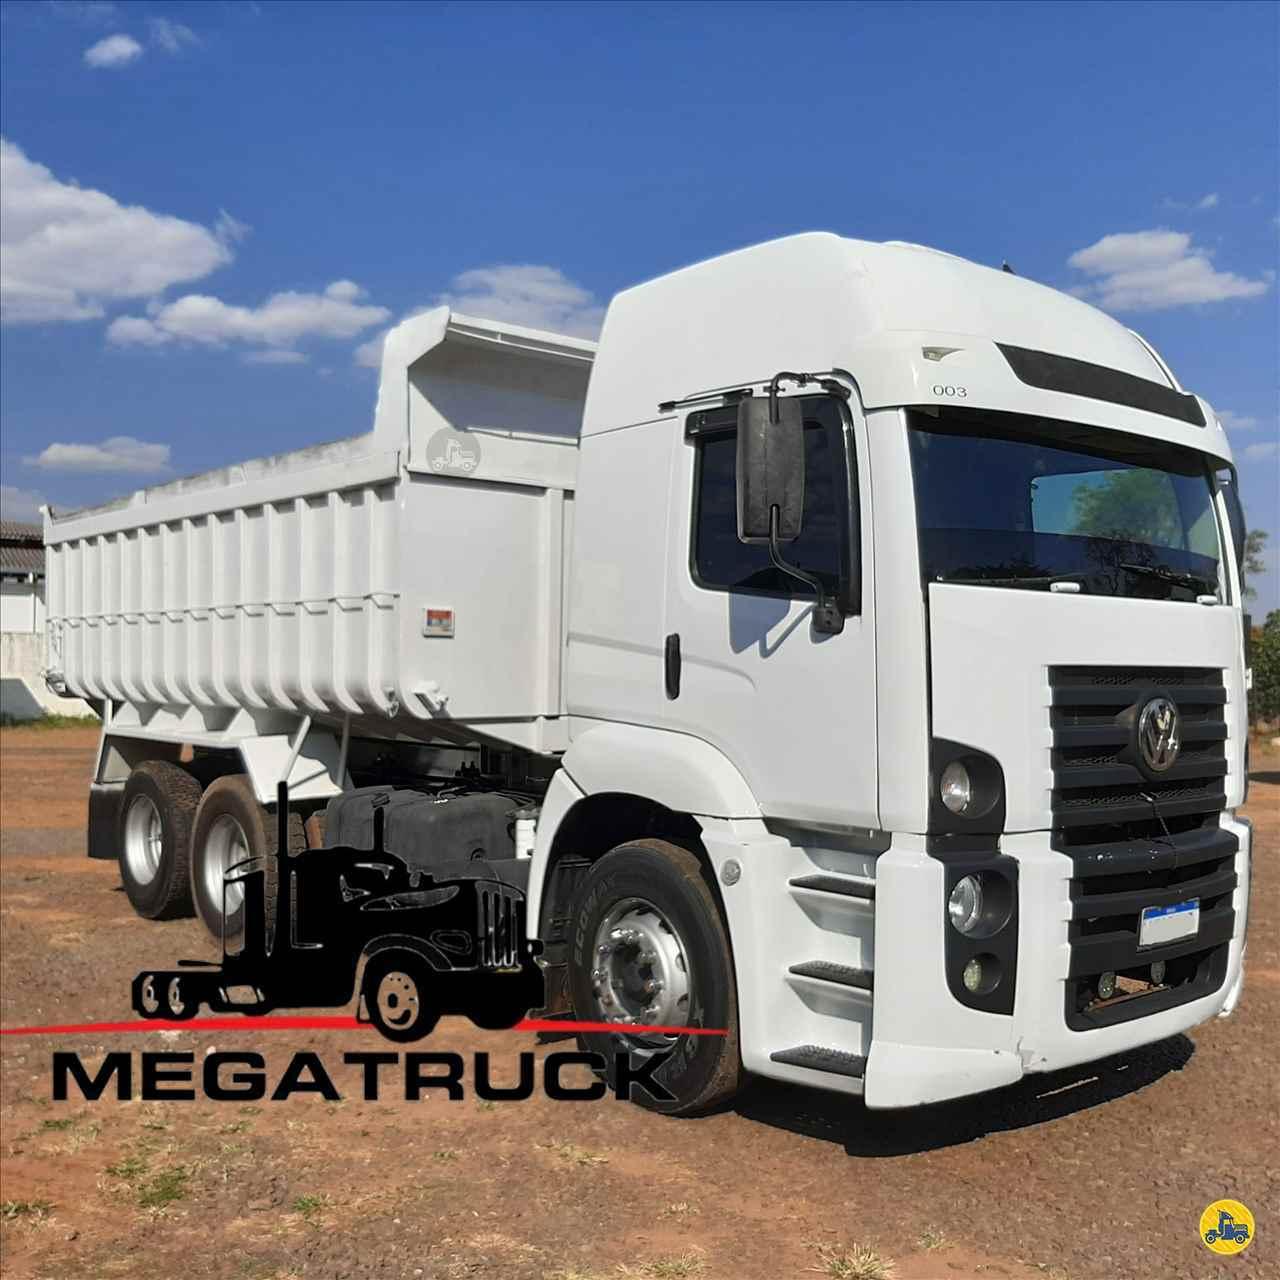 CAMINHAO VOLKSWAGEN VW 24280 Caçamba Basculante Truck 6x2 Megatruck Caminhões e Máquinas CAMPO GRANDE MATO GROSSO DO SUL MS